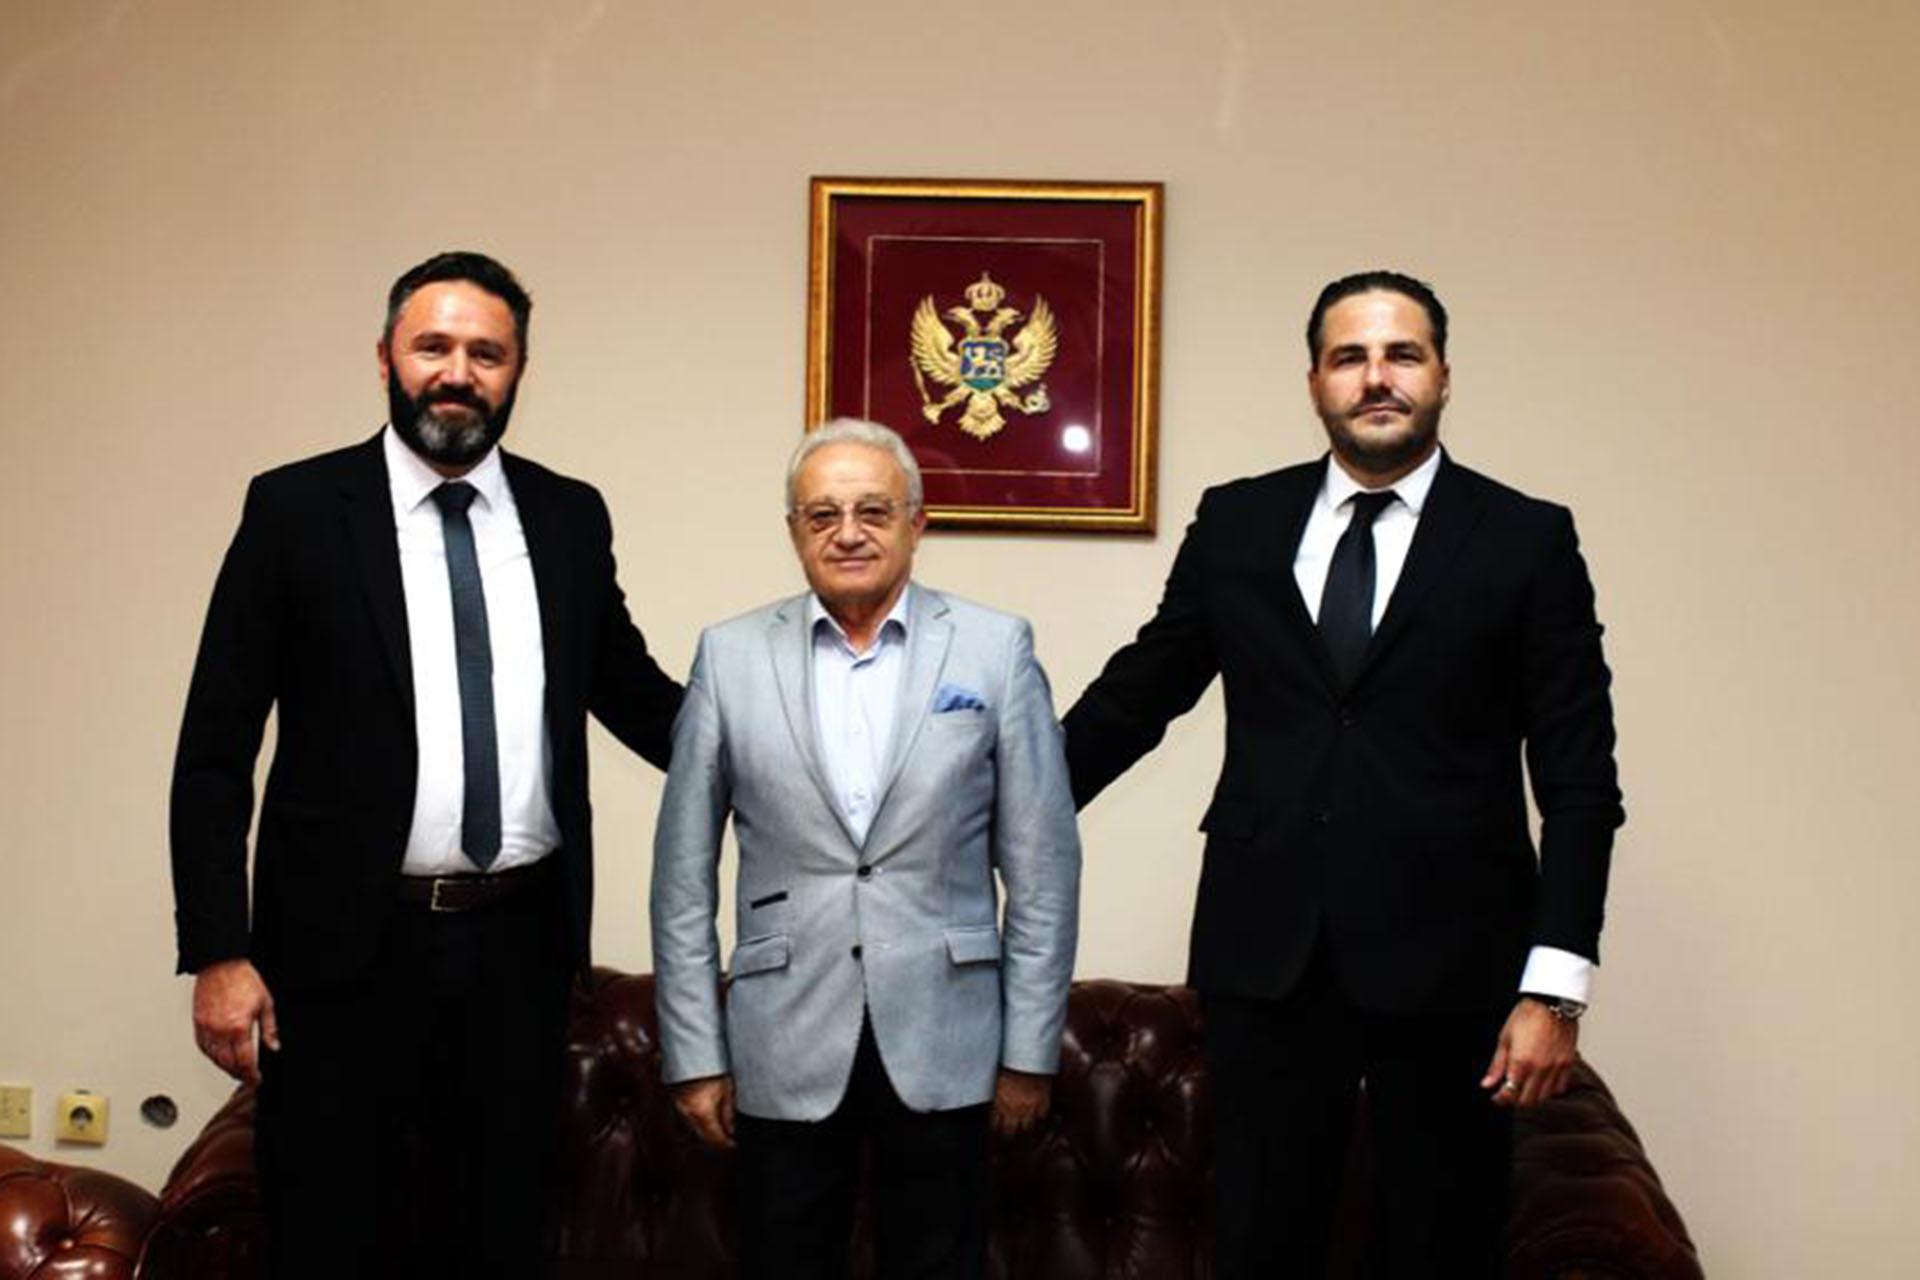 Ambasador Republike Sjeverne Makedonije u posjeti Pošti Crne Gore